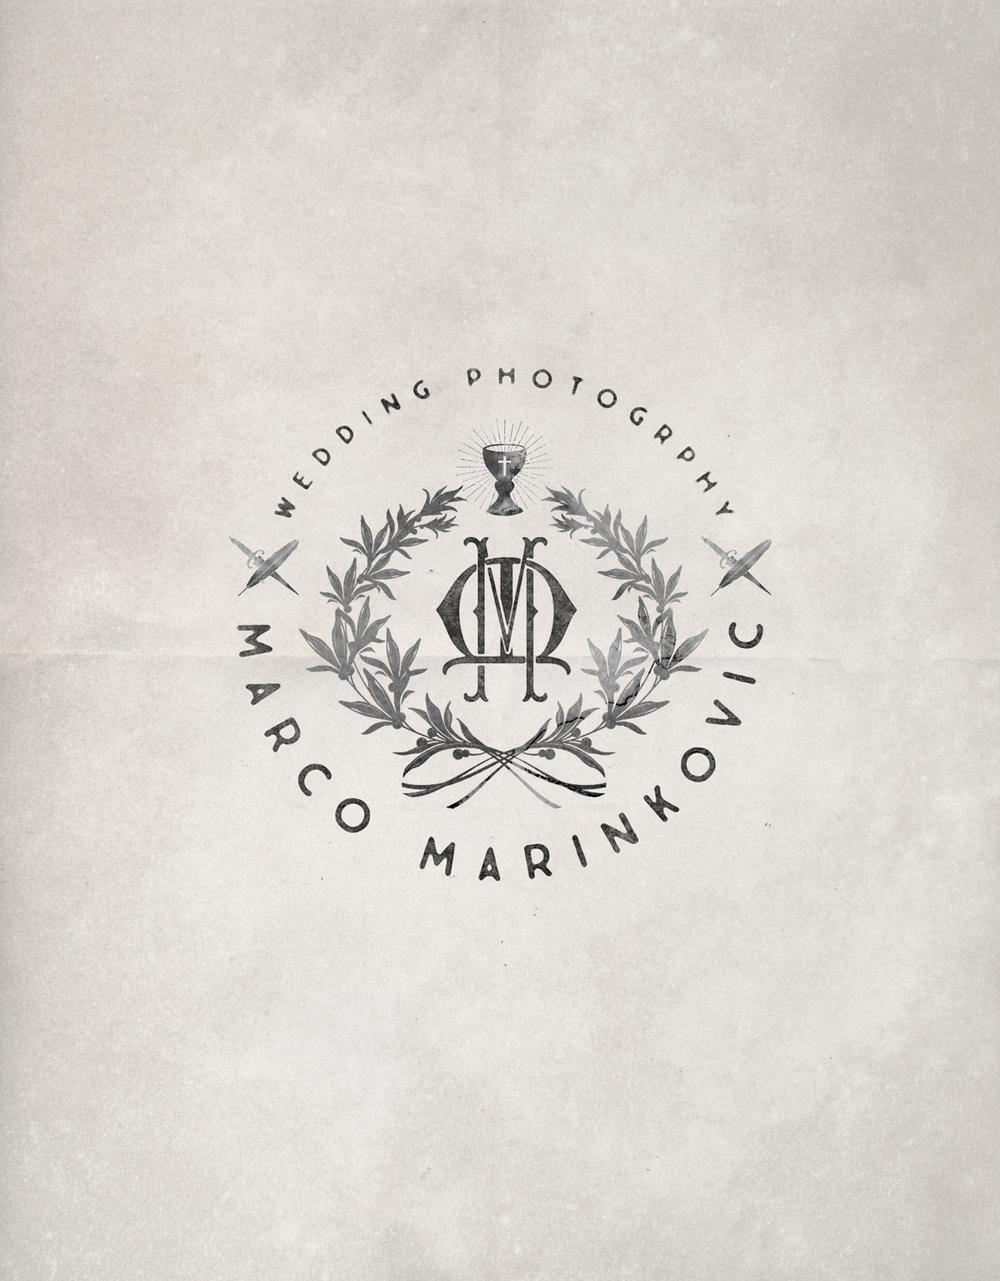 marco_marinkovic_logos04.jpg